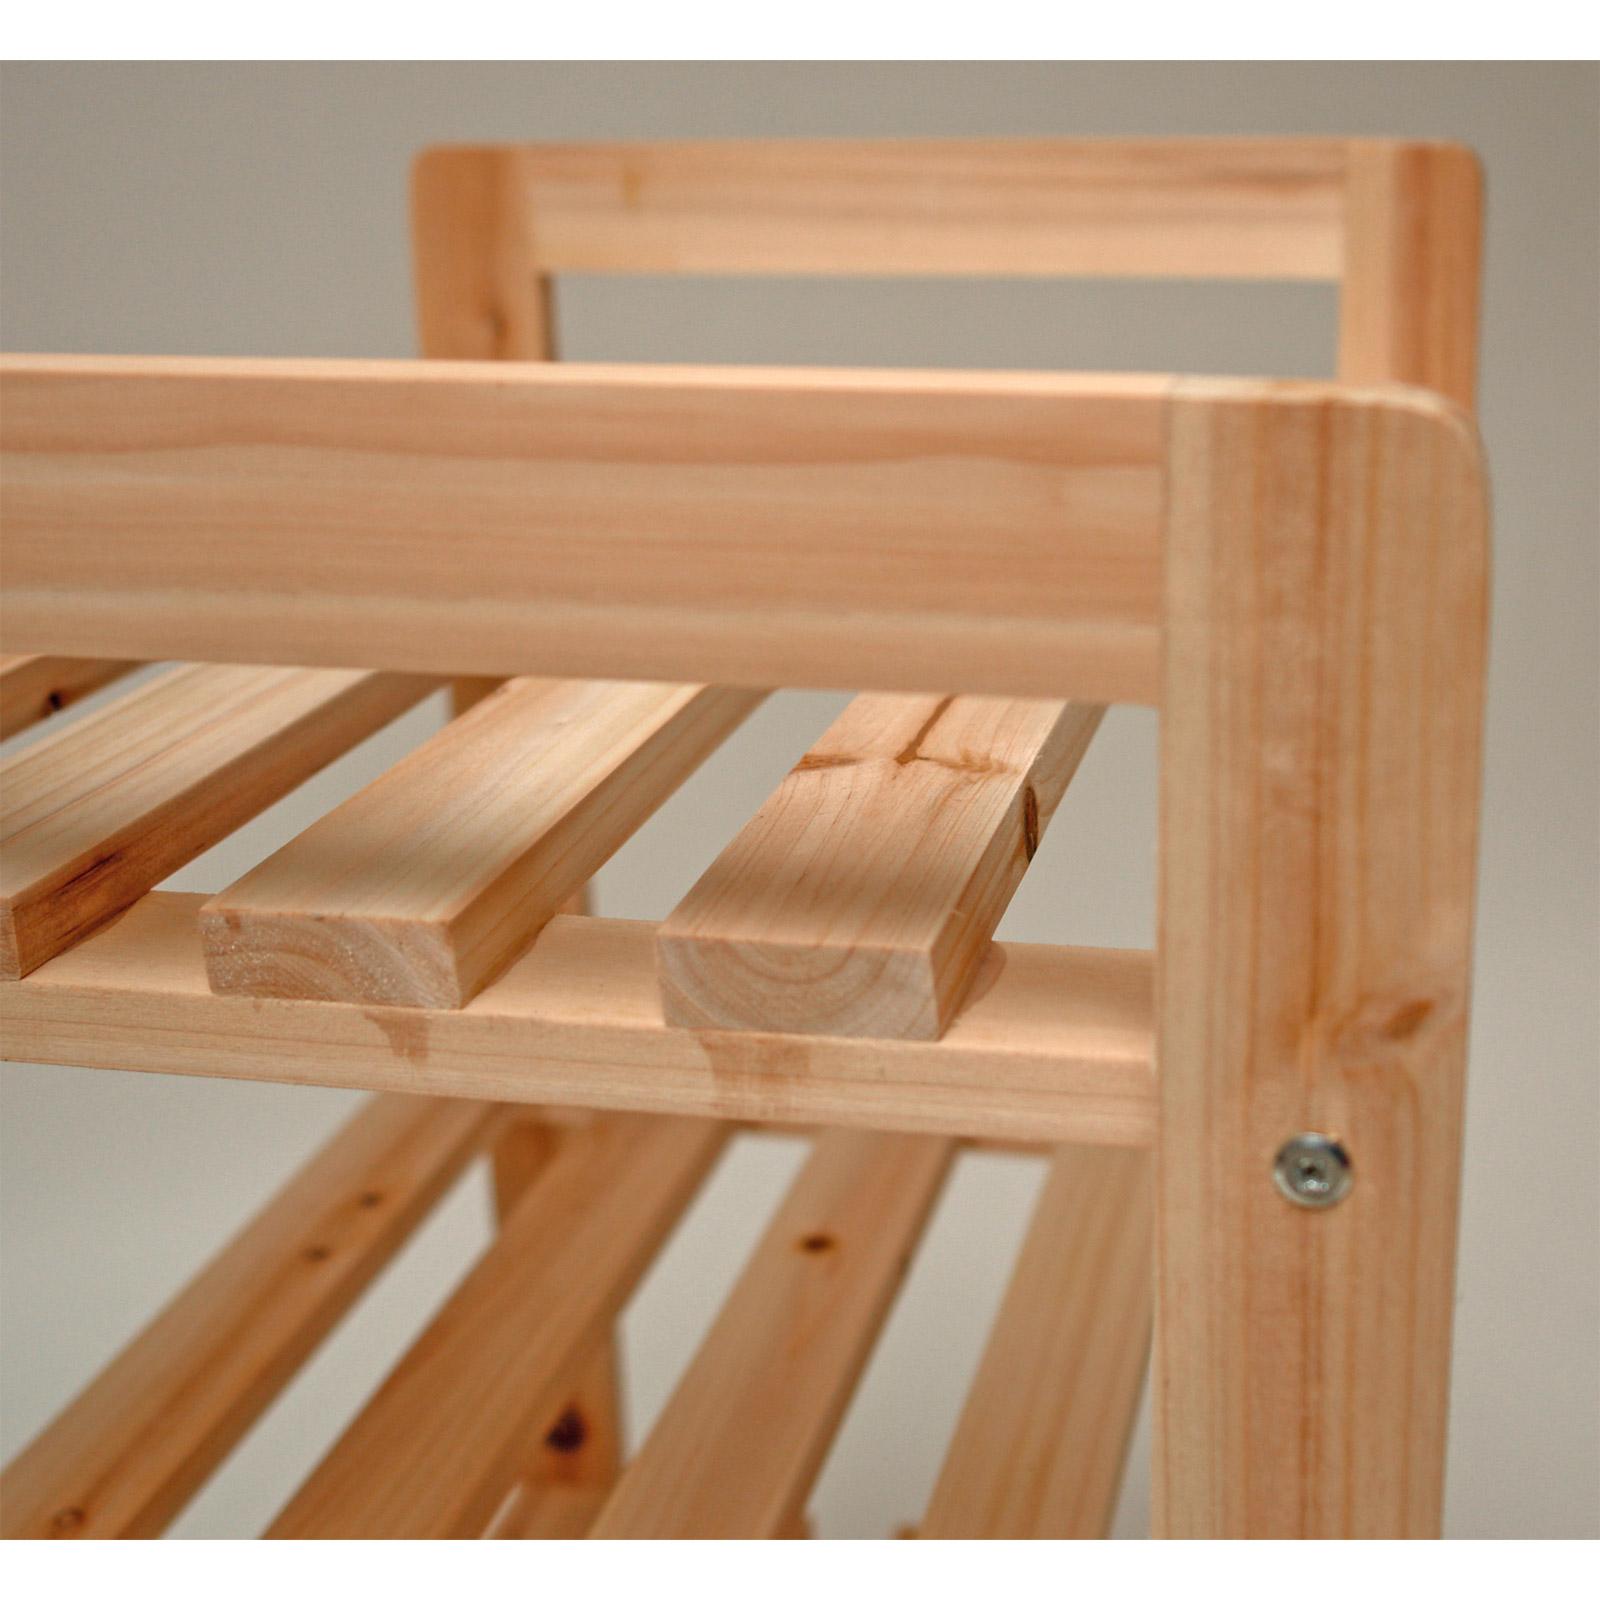 Schuhregal Holz Bauanleitung ~   Bücherregal Vorratsregal Schuhregal Massivholz Holz Regal 917446